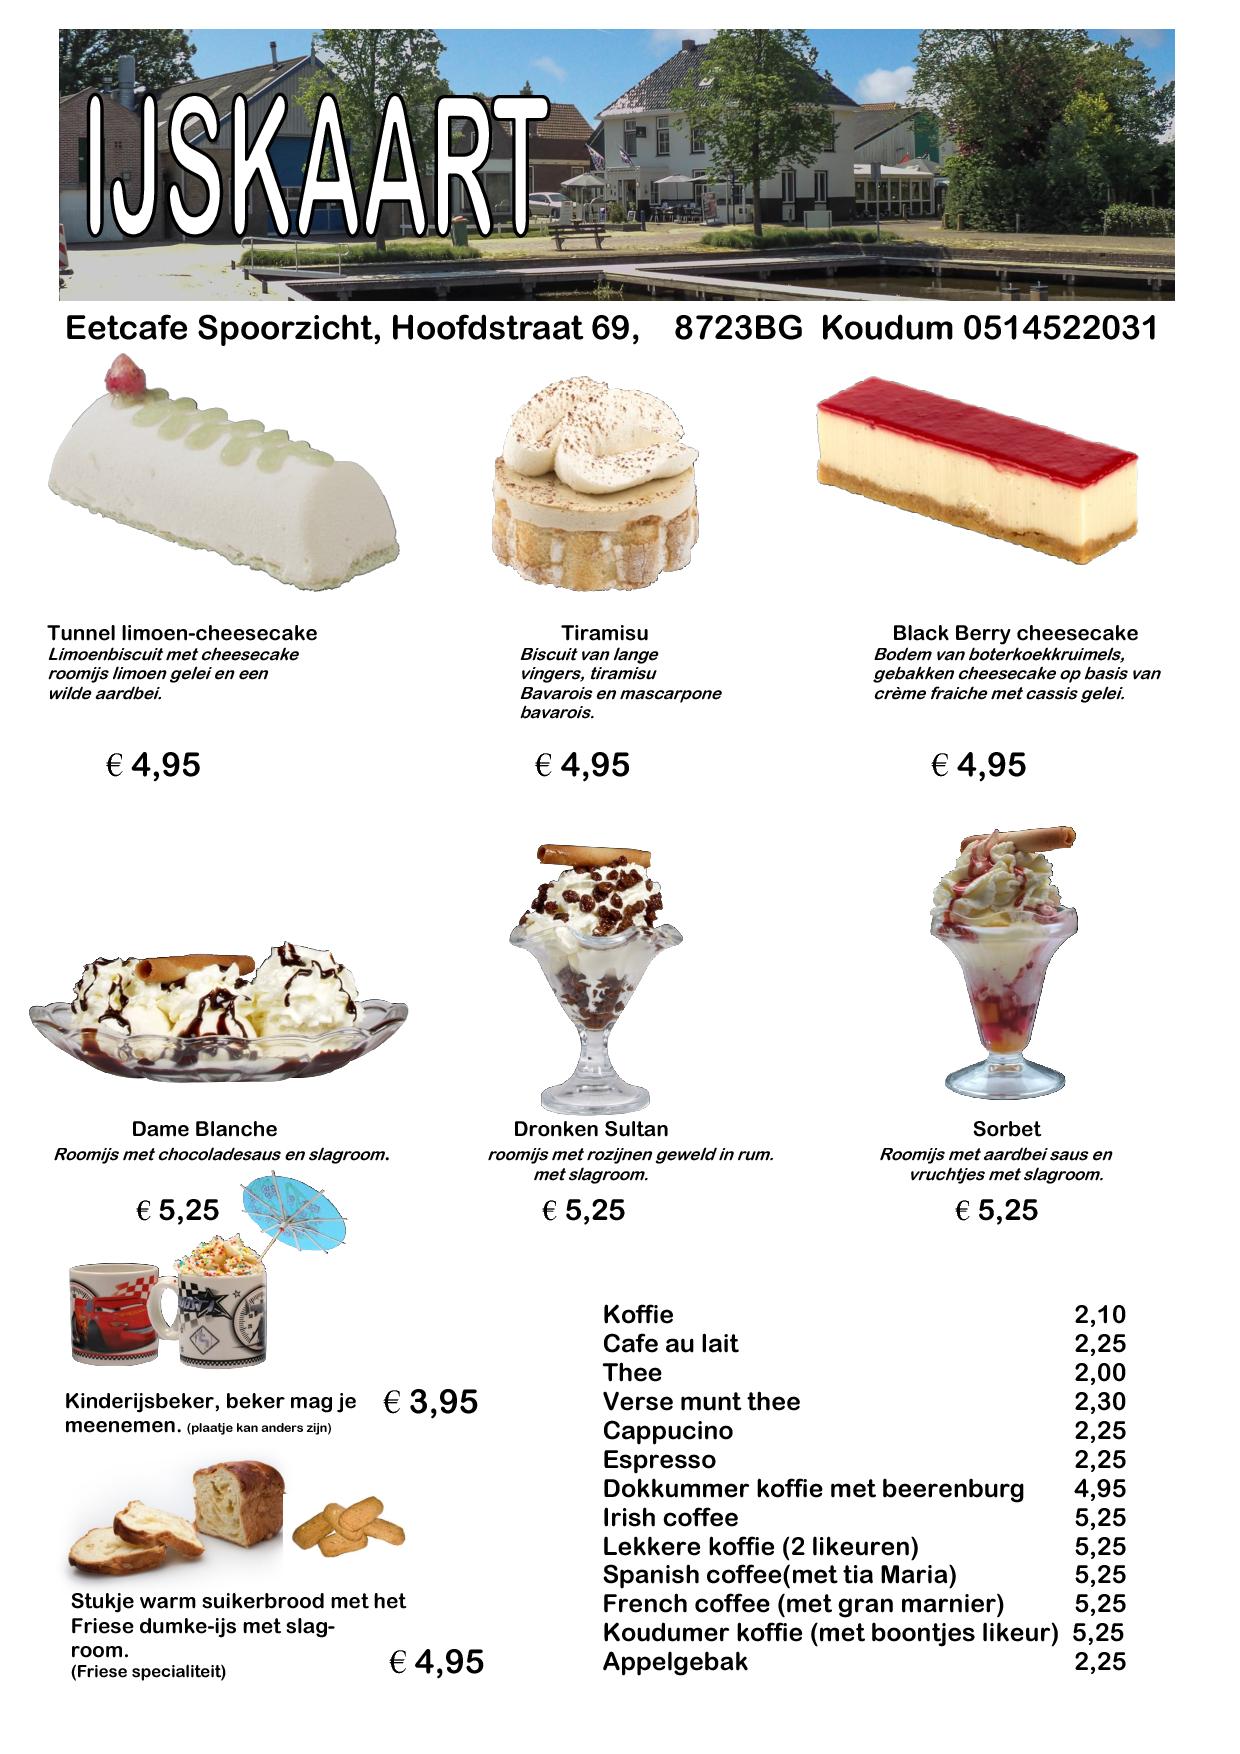 eetcafe_spoorzicht_menu-1